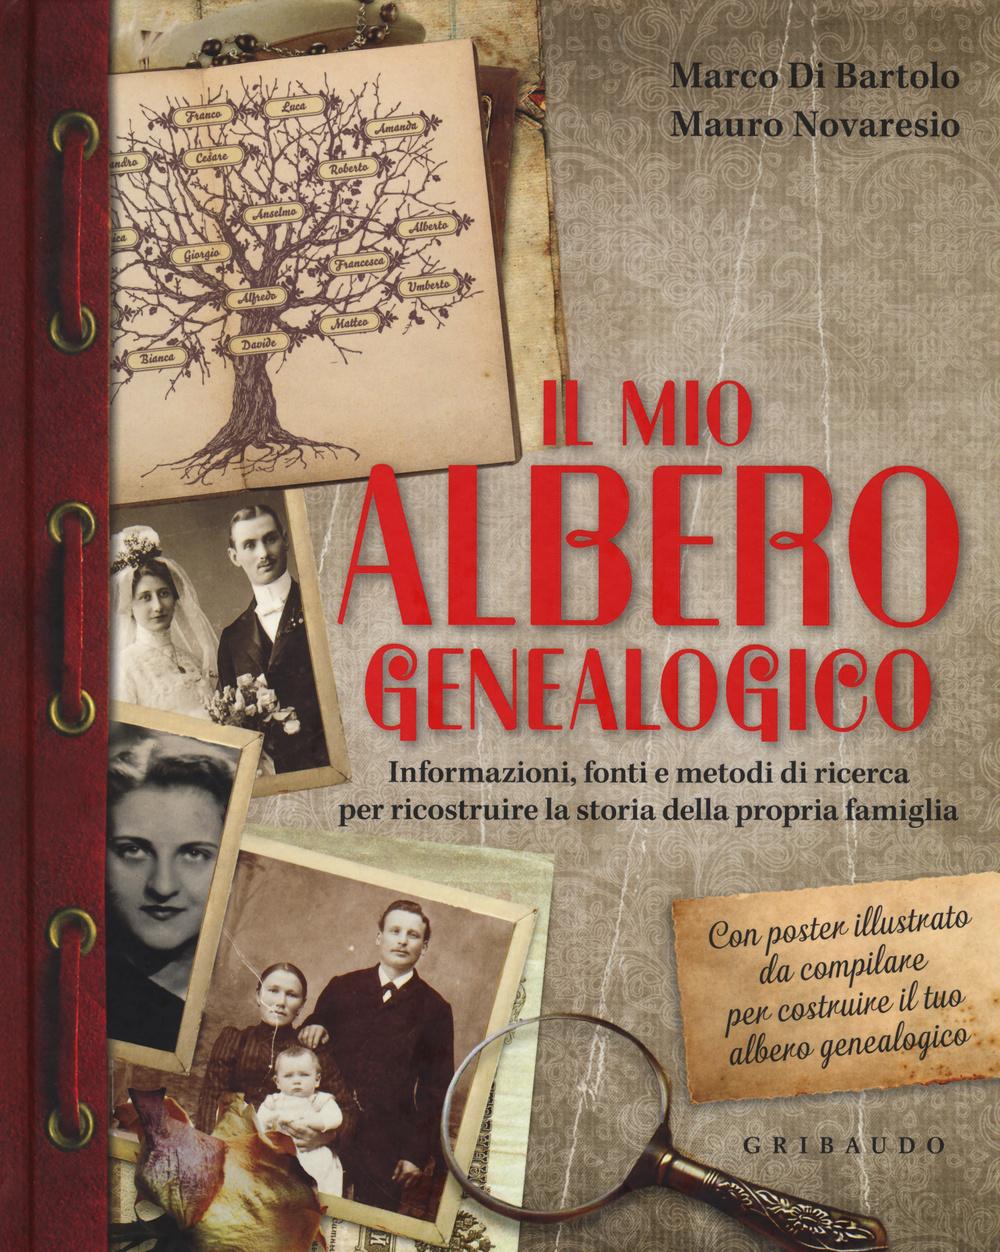 MIO ALBERO GENEALOGICO. INFORMAZIONI, FONTI E METODI DI RICERCA PER RICOSTRUIRE LA STORIA DELLA PROPRIA FAMIGLIA. CON POSTER (IL) - 9788858011812